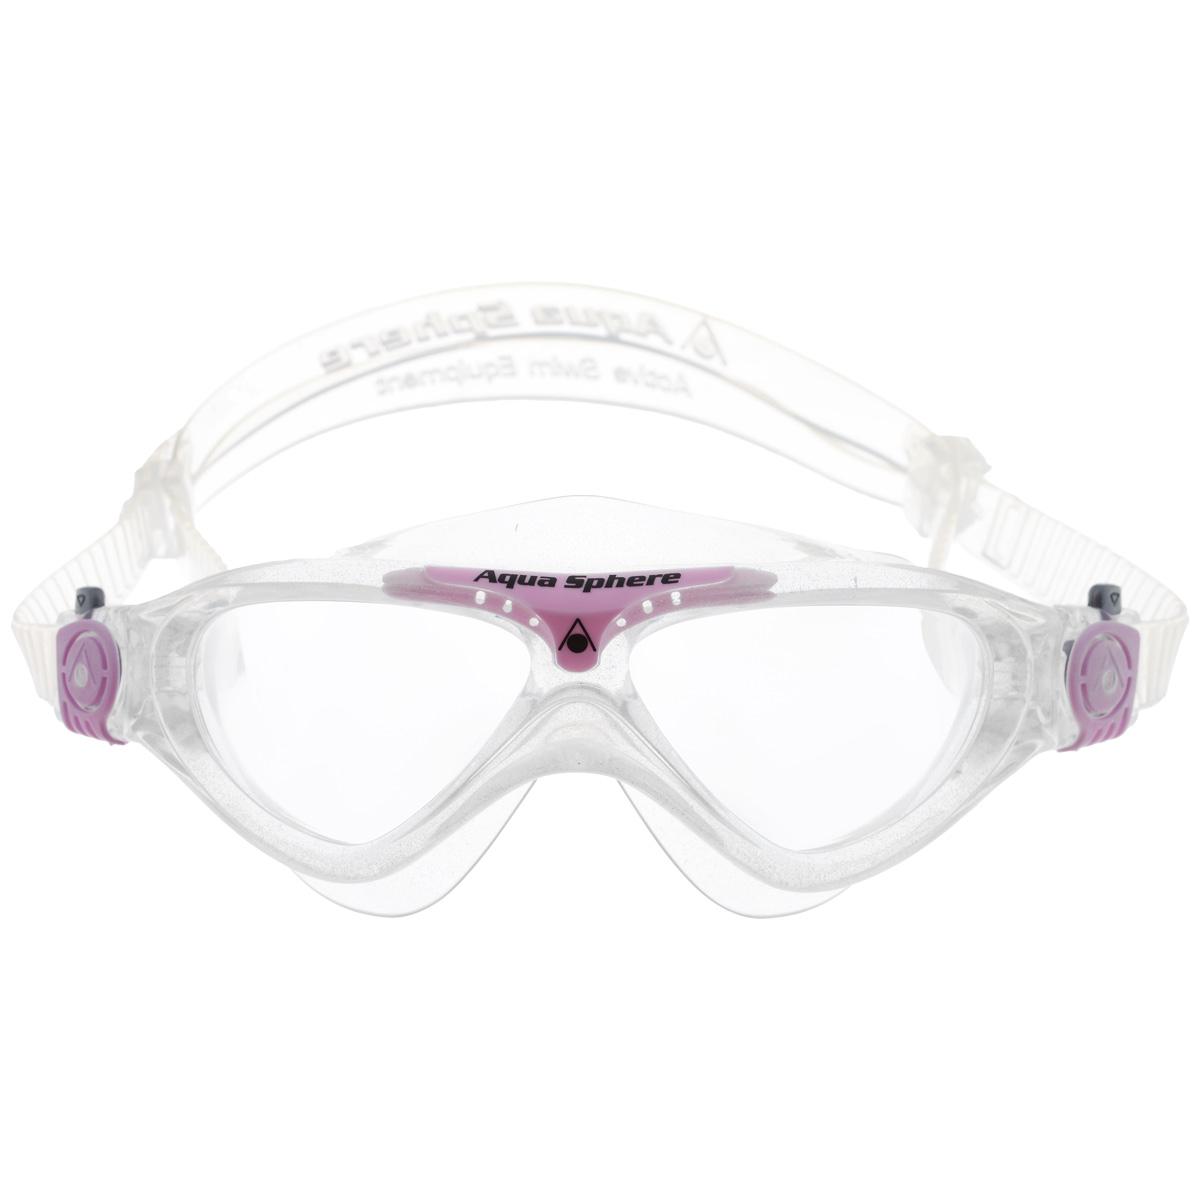 Очки для плавания Aqua Sphere Vista Junior, цвет: прозрачный, розовыйTN 169750Модные и стильные очки для плавания Aqua Sphere Vista Junior идеально подходят для плавания в бассейне или открытой воде. Оснащены линзами с антизапотевающим покрытием, которые устойчивы к появлению царапин. Мягкий комфортный обтюратор плотно прилегает к лицу. Запатентованные изогнутые линзы дают прекрасный обзор на 180° - без искажений. Очки дают 100% защиту от ультрафиолетового излучения спектра А и спектра В. Материал: плексисол, силикон.